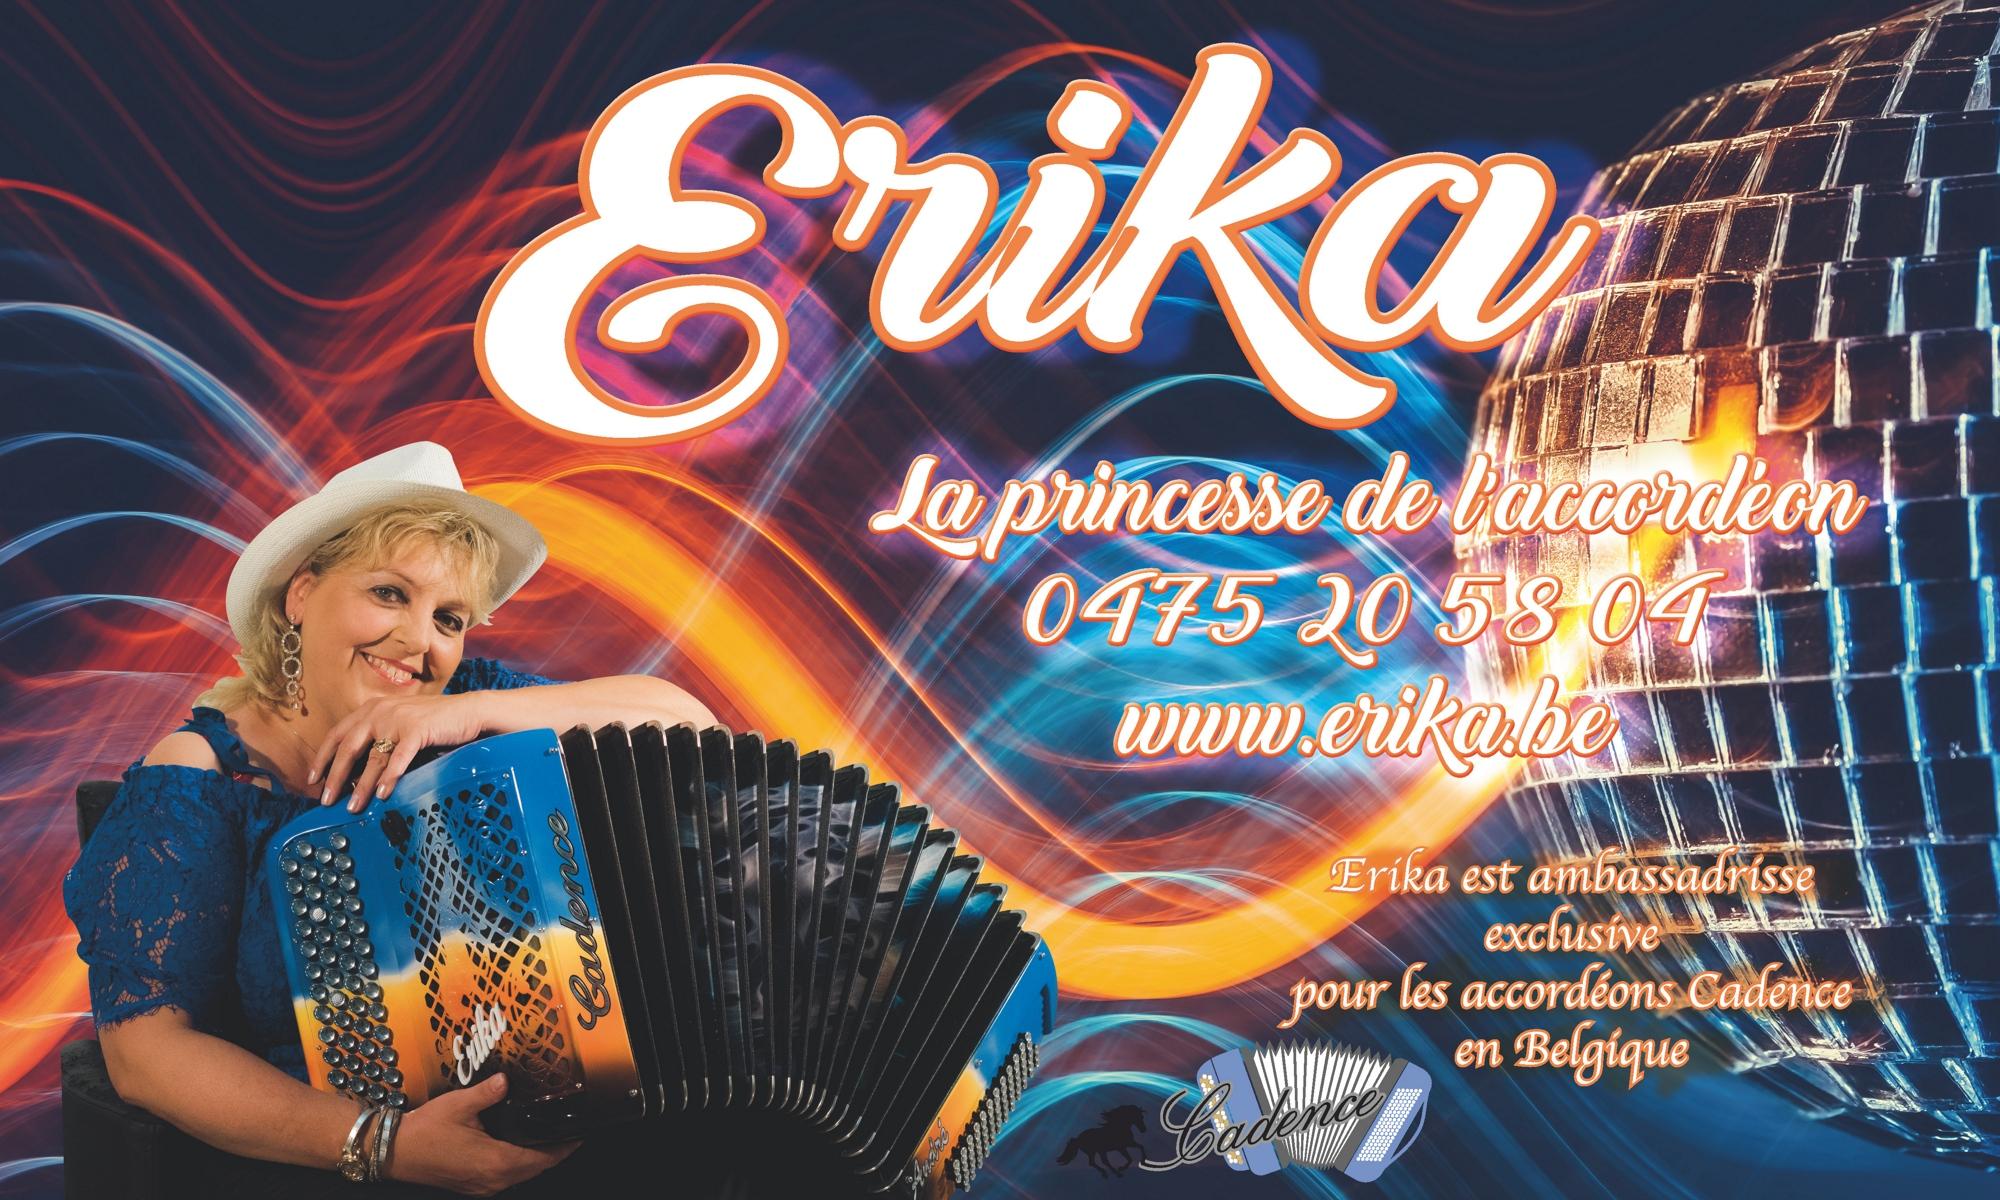 Discographie d'Erika